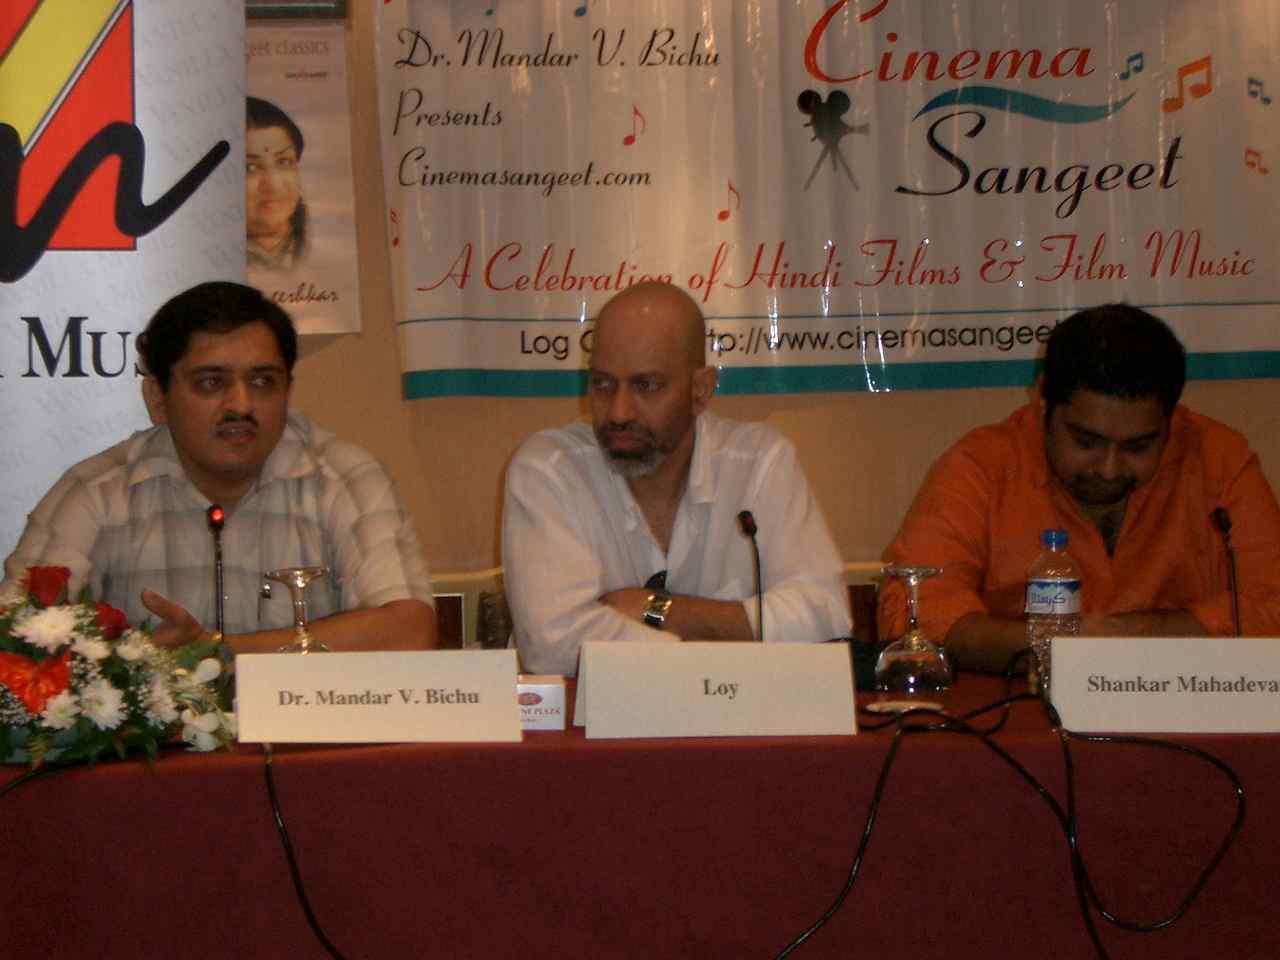 Dr.Mandar, Loy Mendonsa ,Shankar Mahadevan